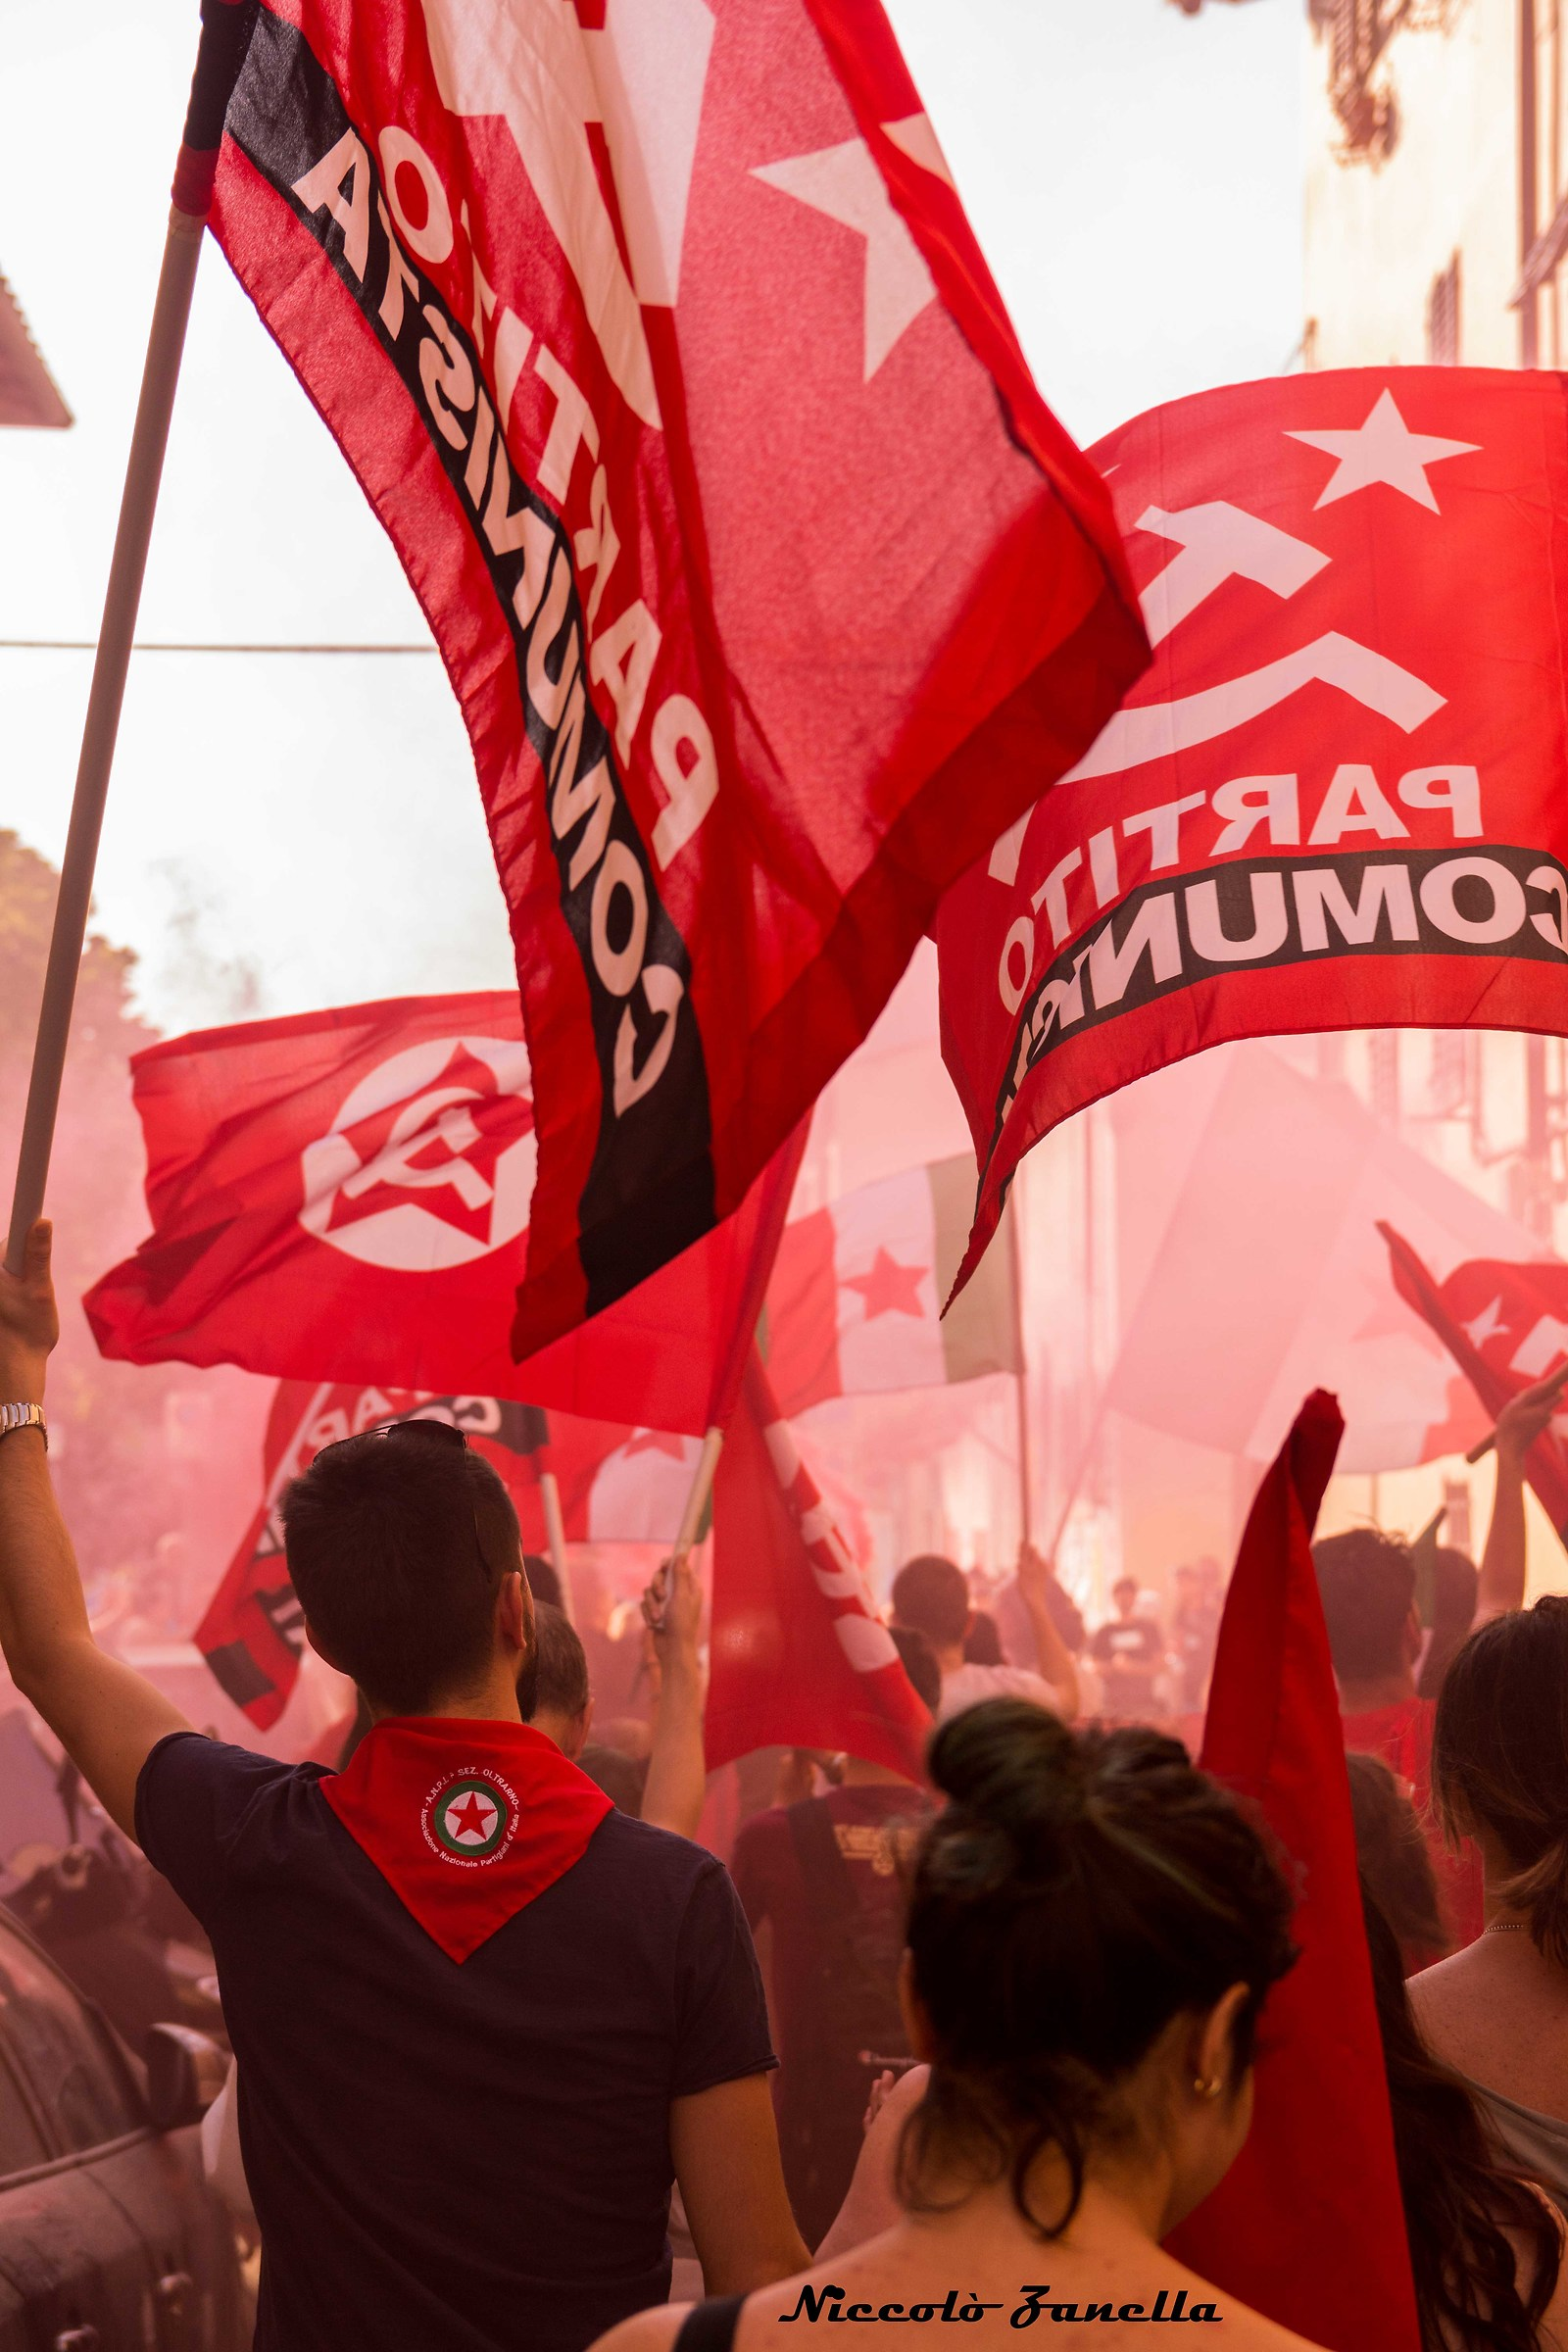 Bandiera rossa...